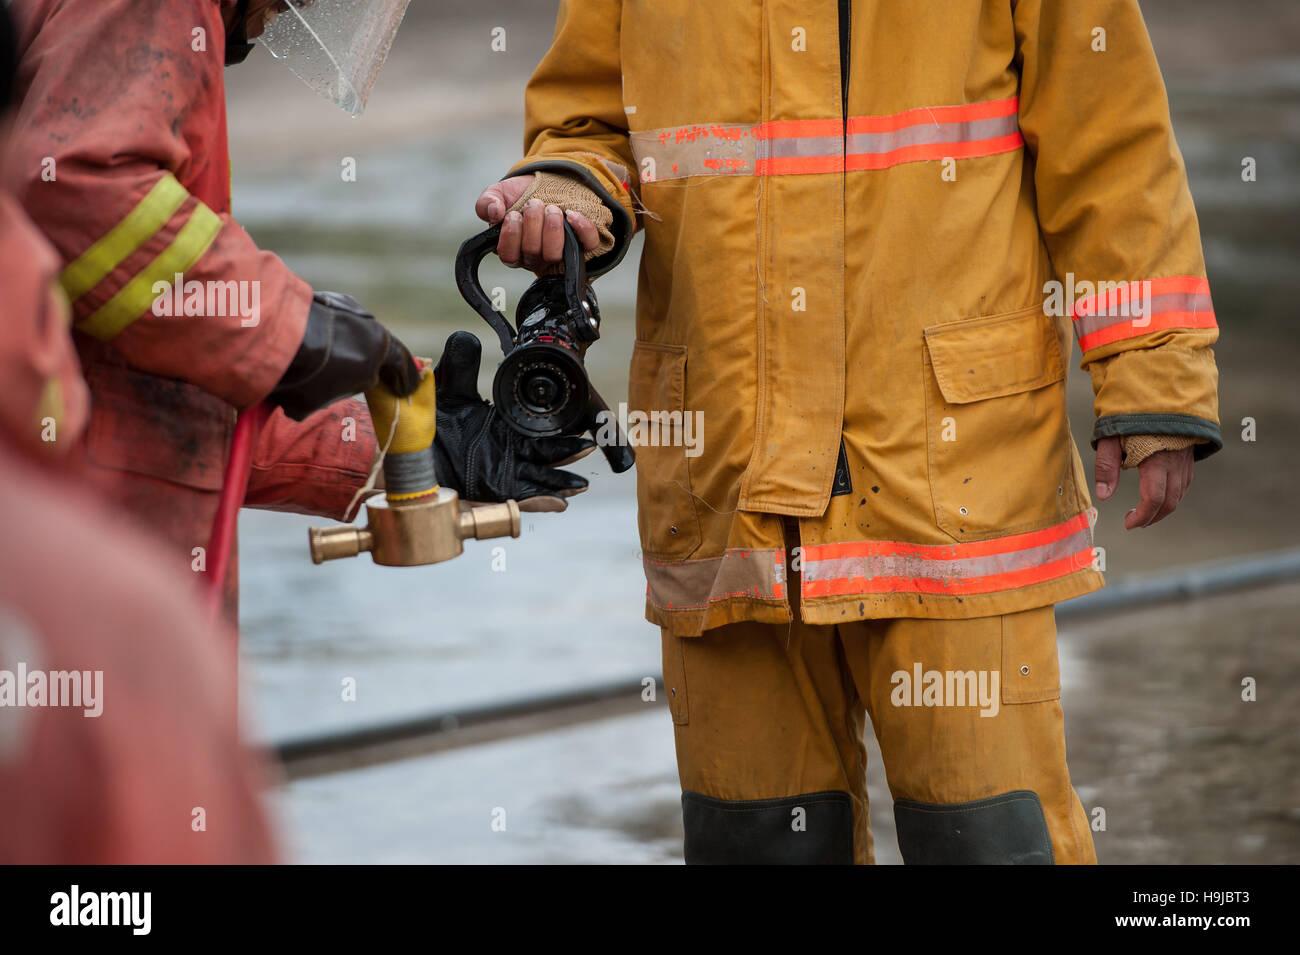 Les pompiers exécutent connexion hôte Banque D'Images